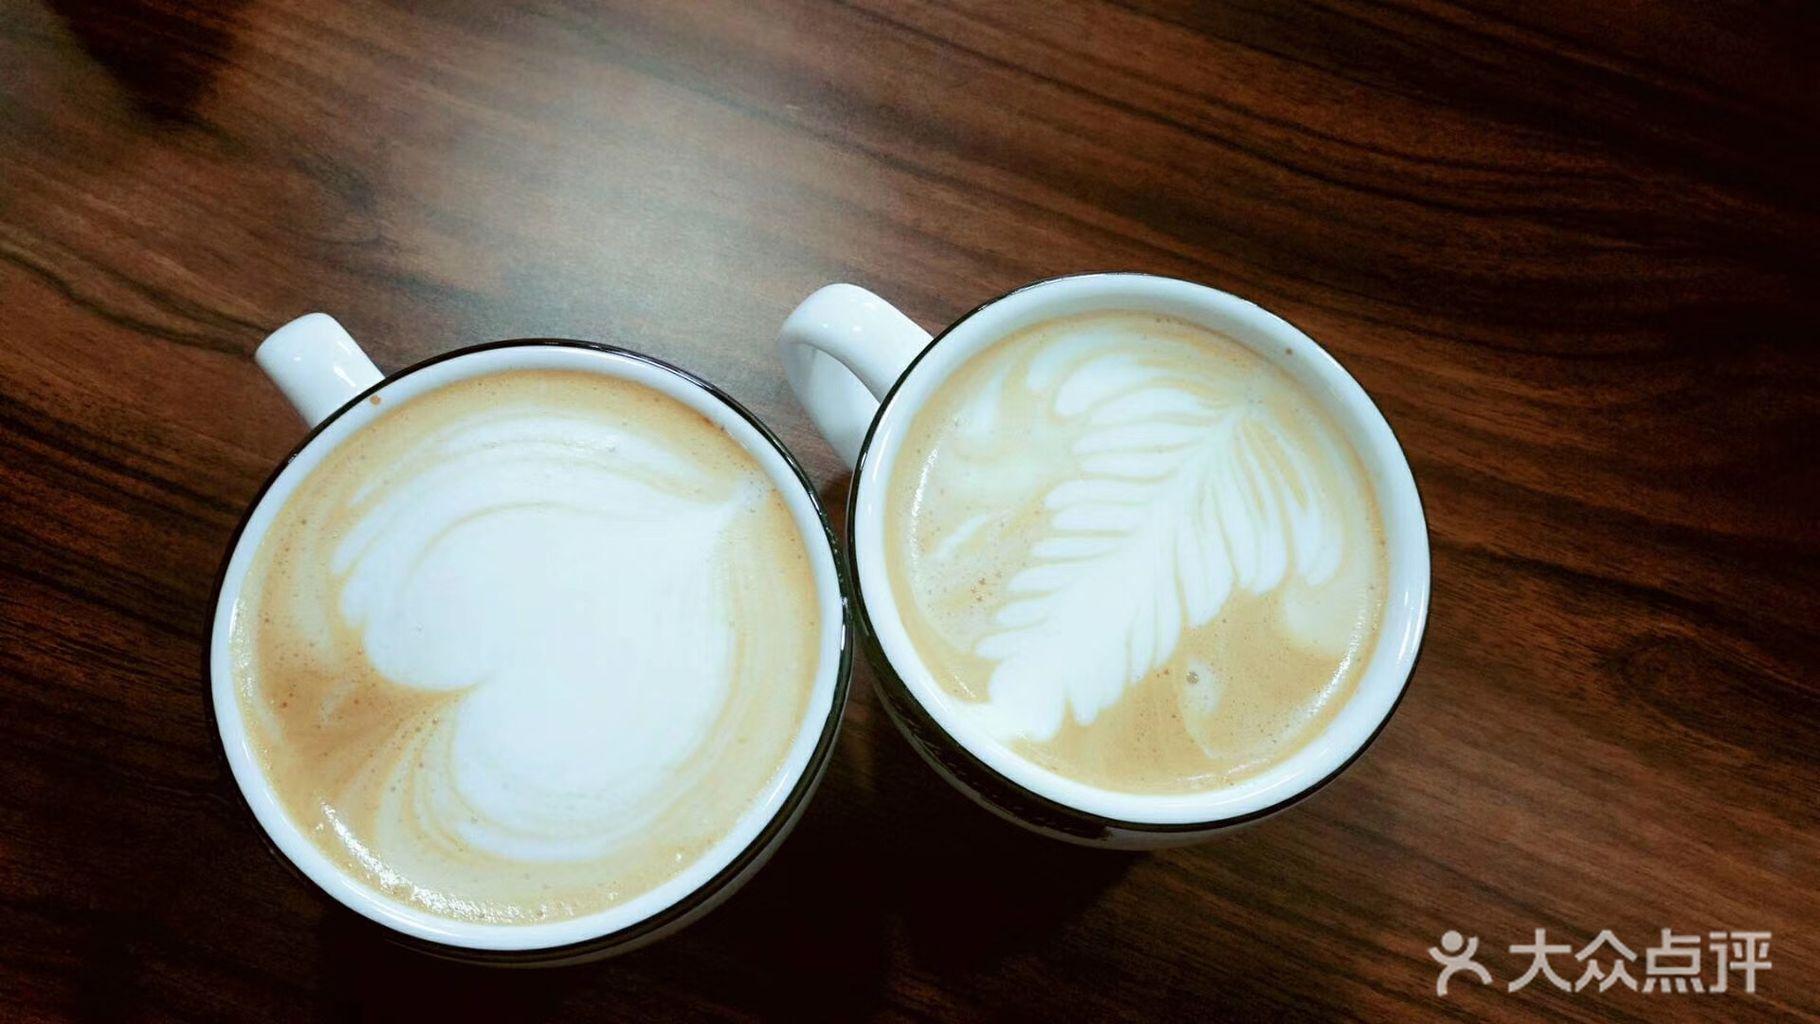 [4店通用] 咖啡爱上钢琴课